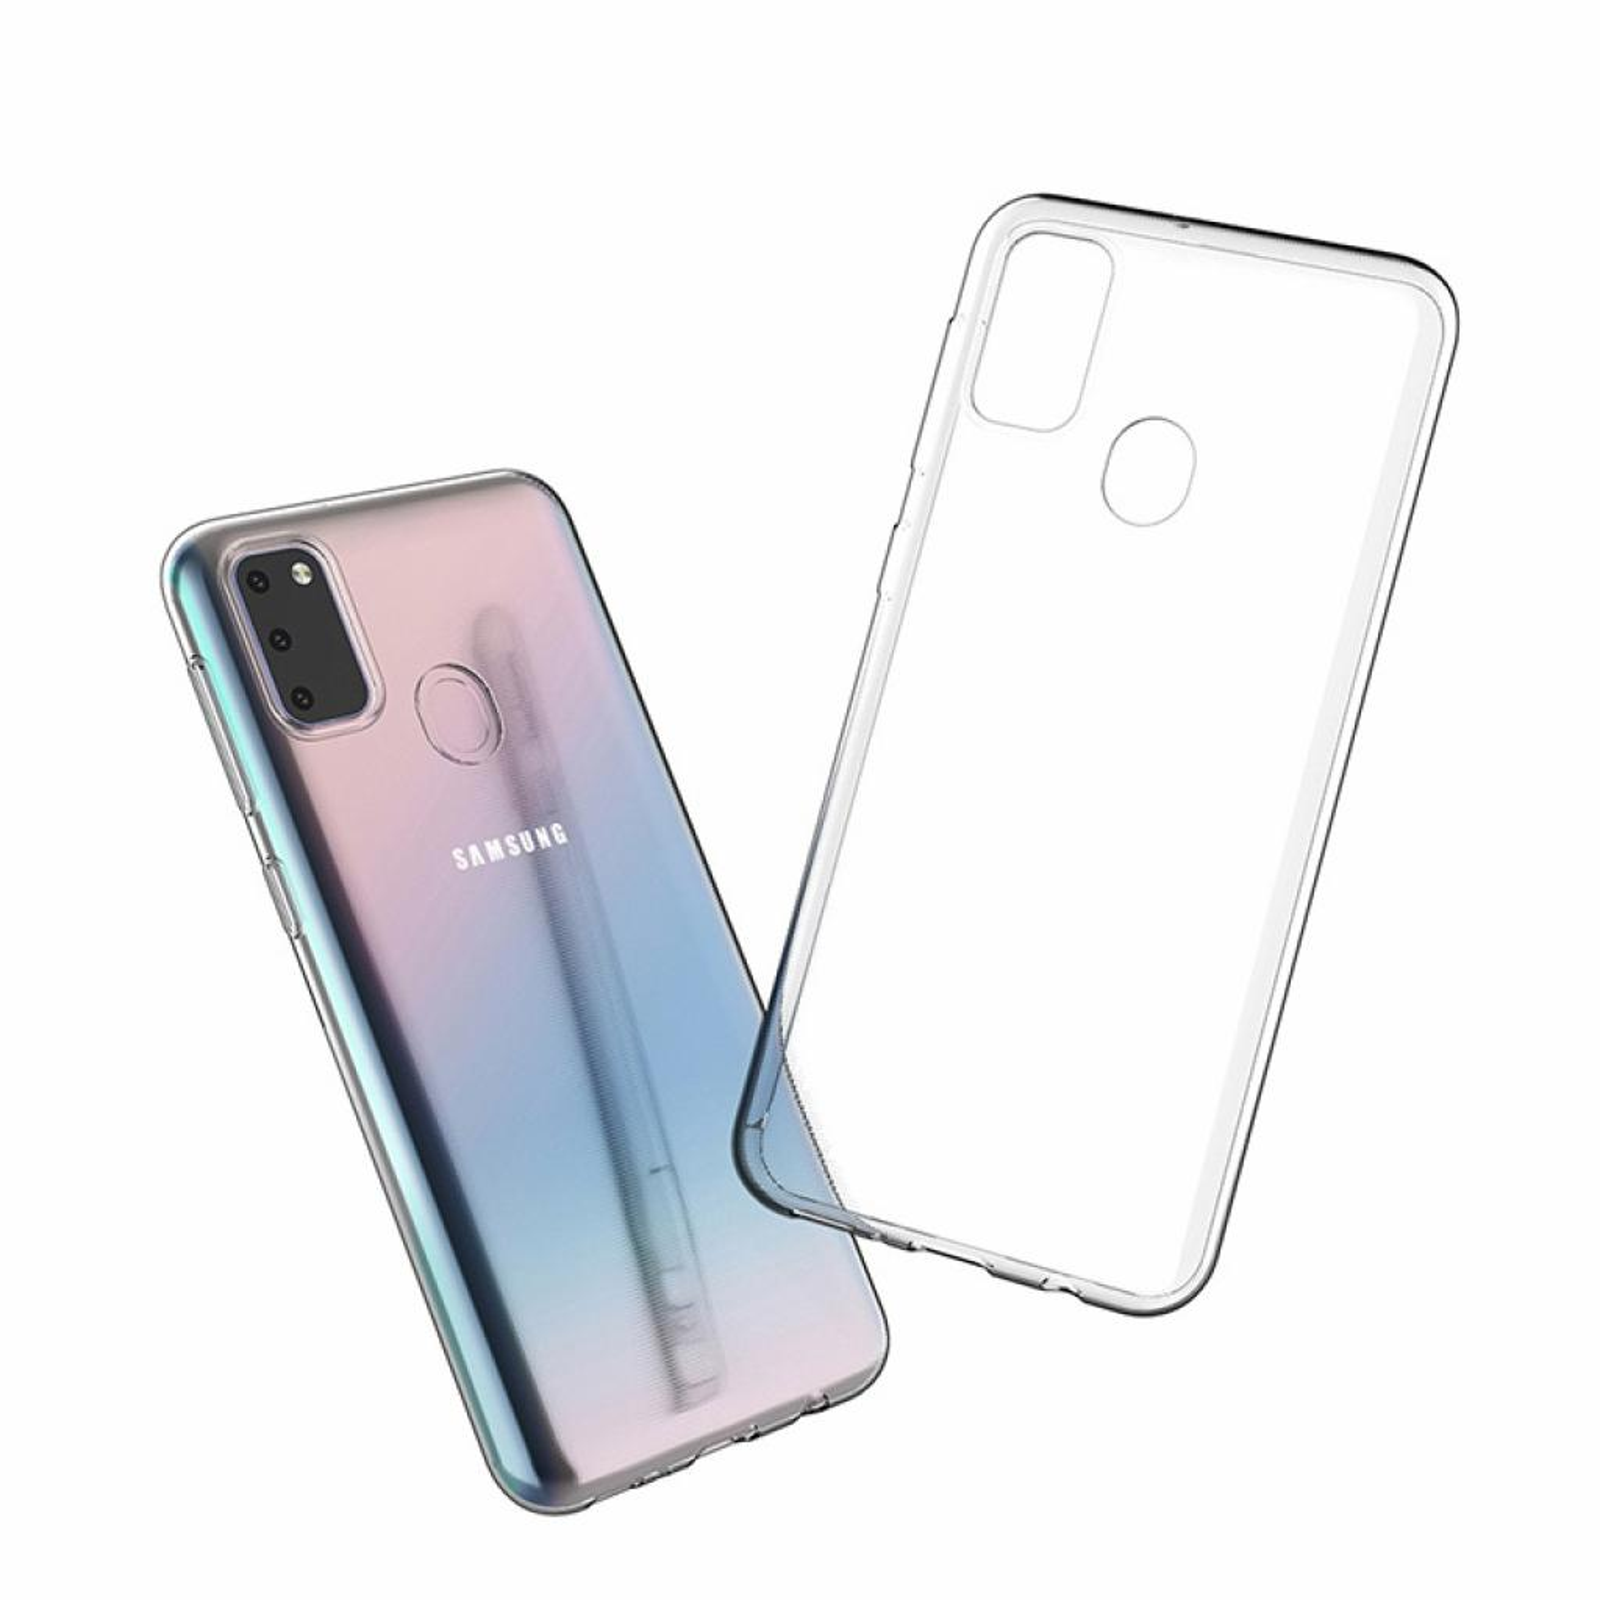 Чехол для моб. телефона BeCover Galaxy M30s SM-M307 Transparancy (704112) изображение 2